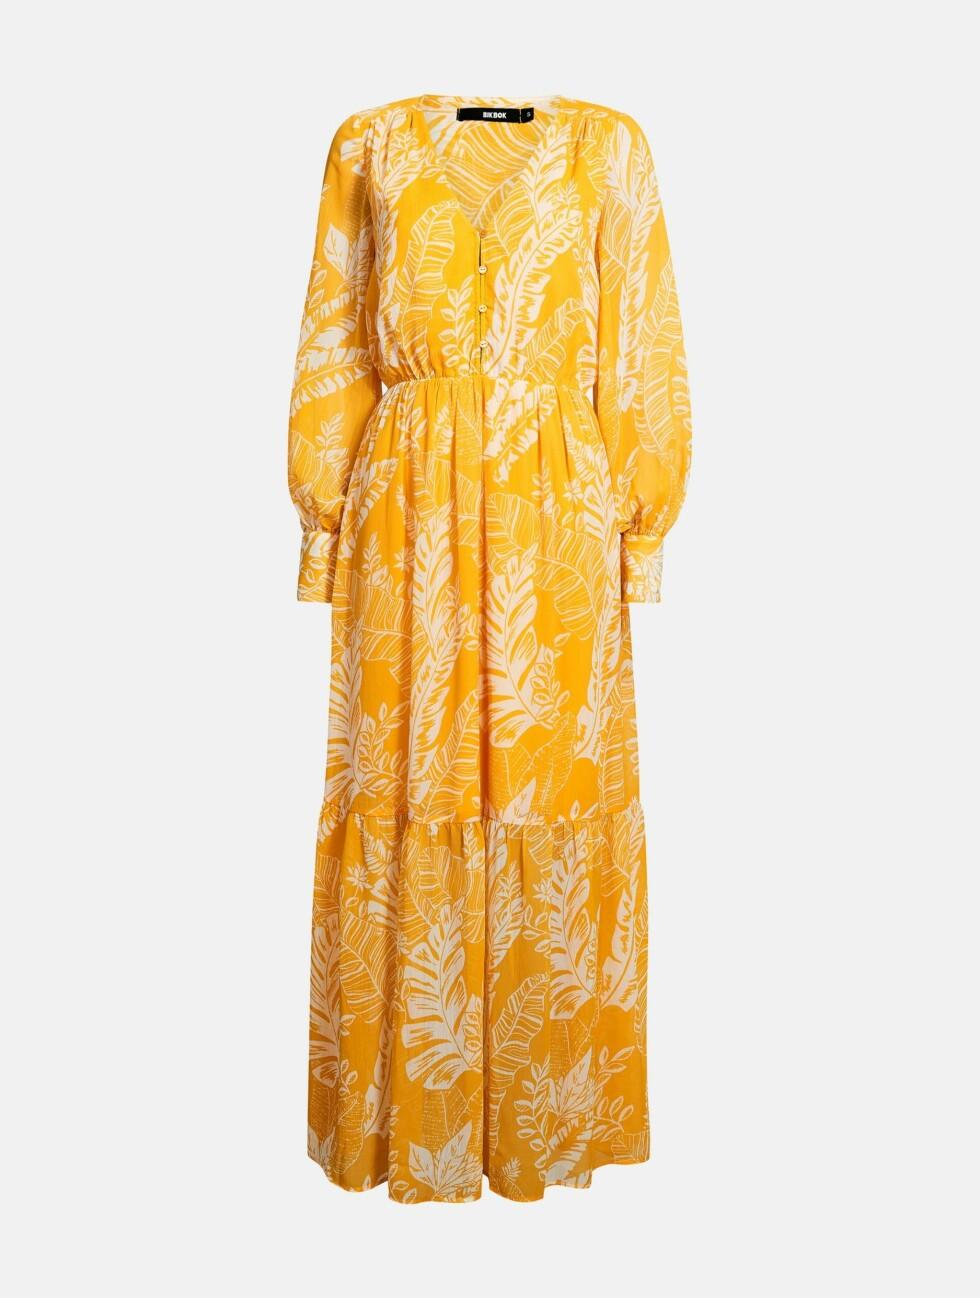 Kjole fra Bik Bok  499,-  https://bikbok.com/no/p/kjoler/noel-kjole/7223253_F001